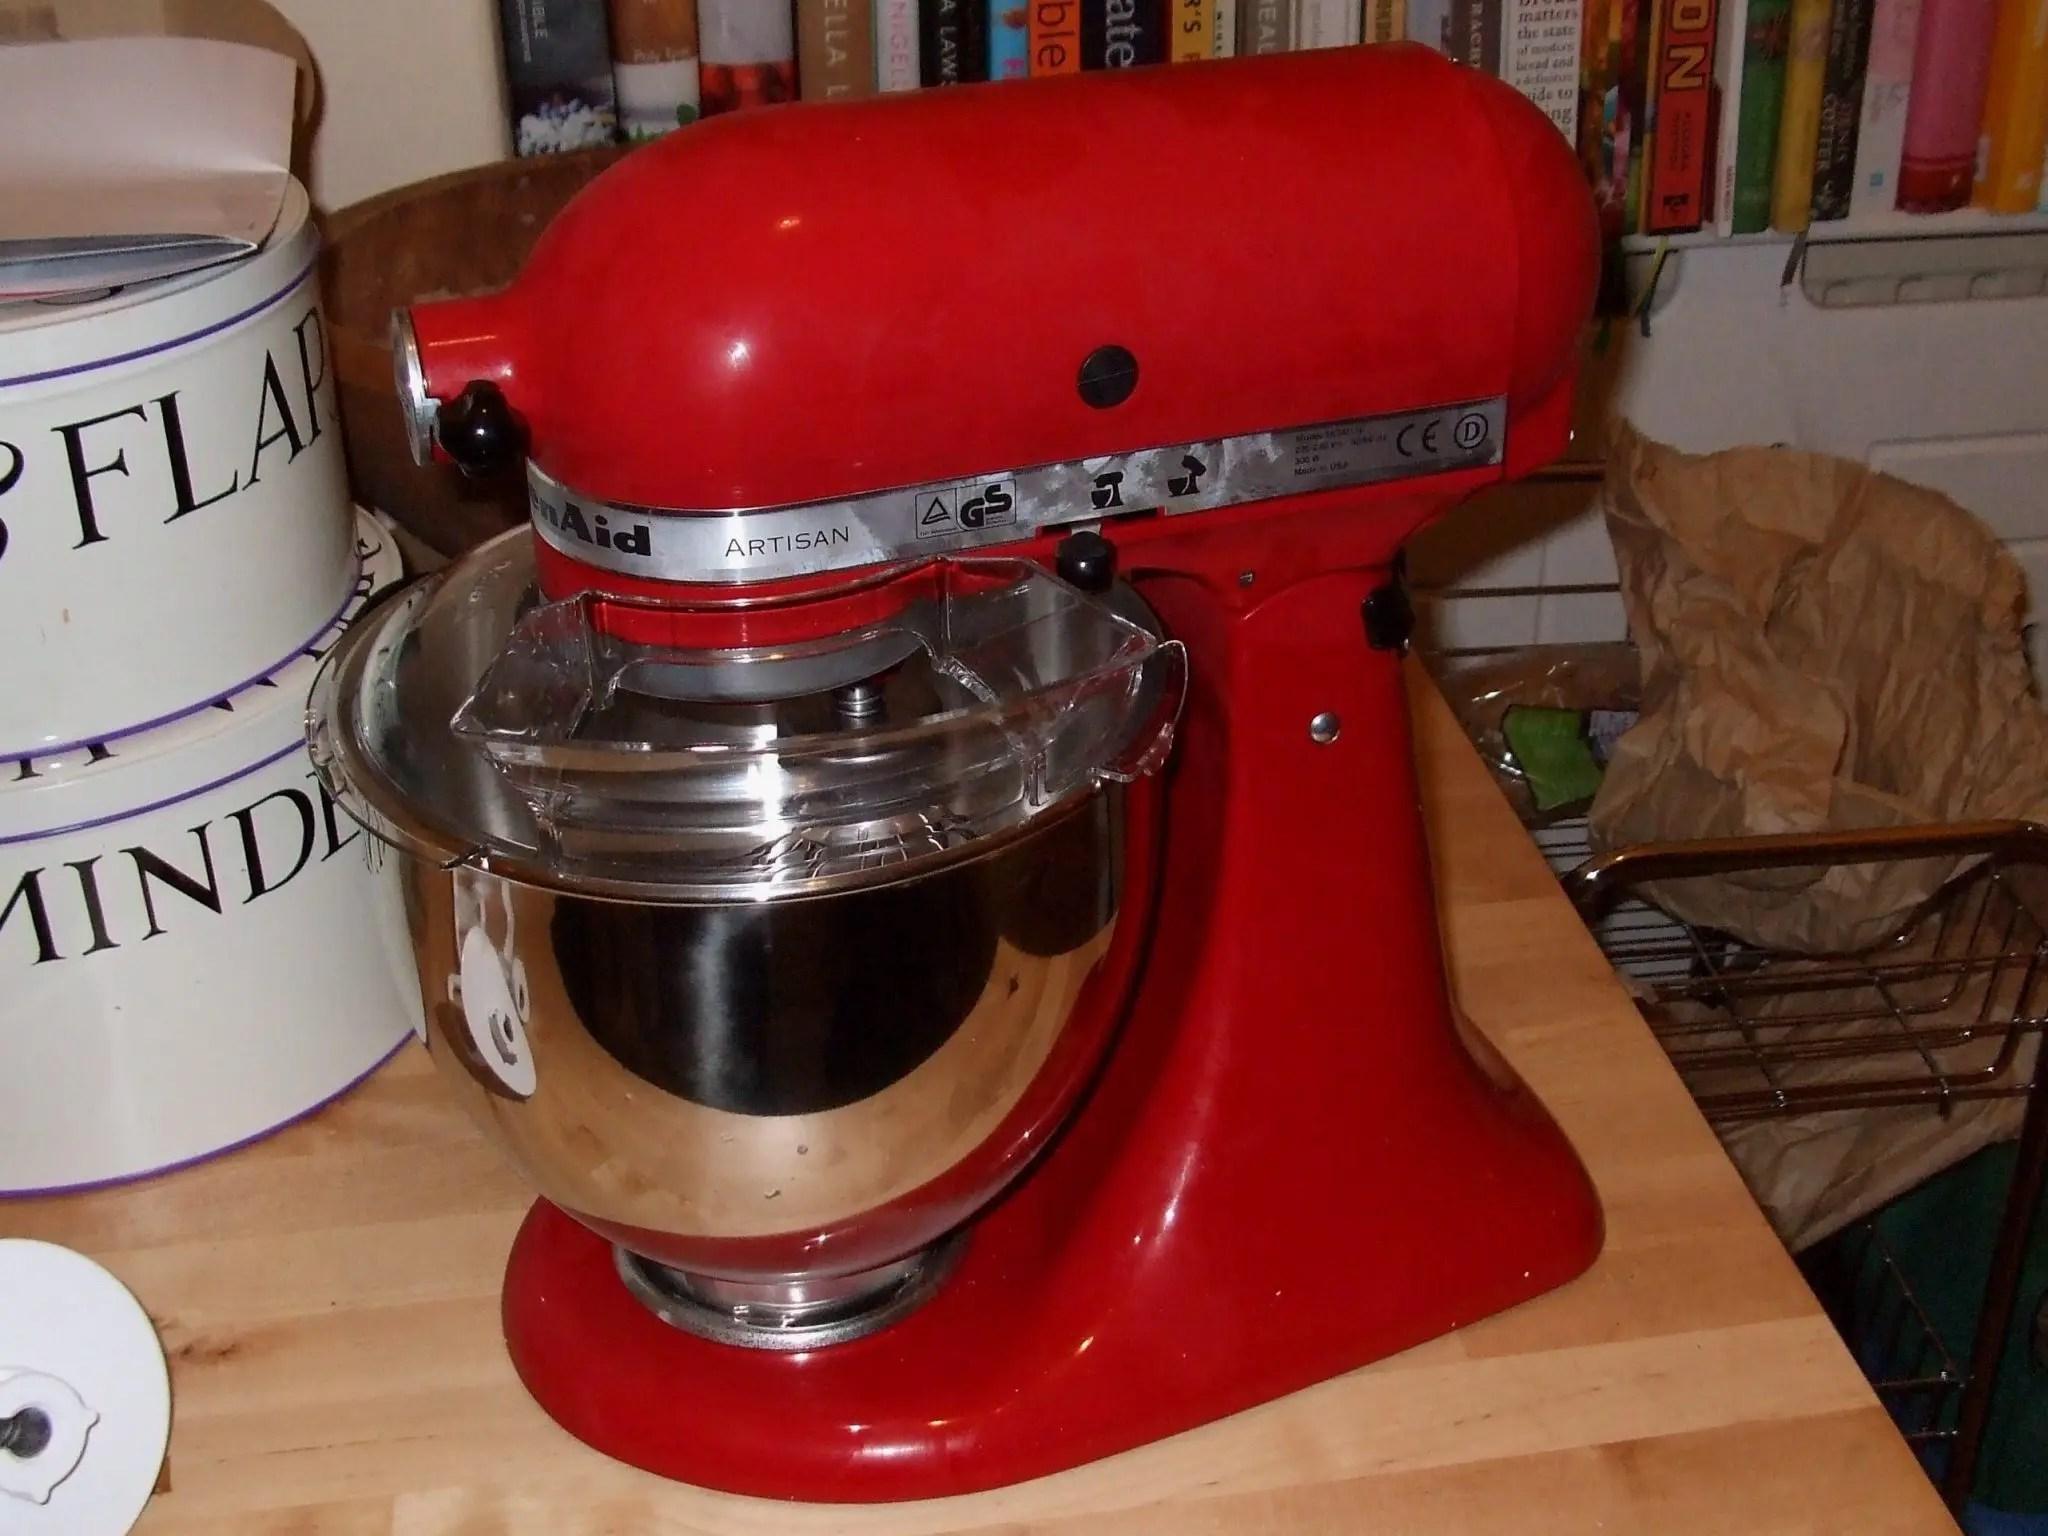 Kitchenaid 6 QT Mixer Review